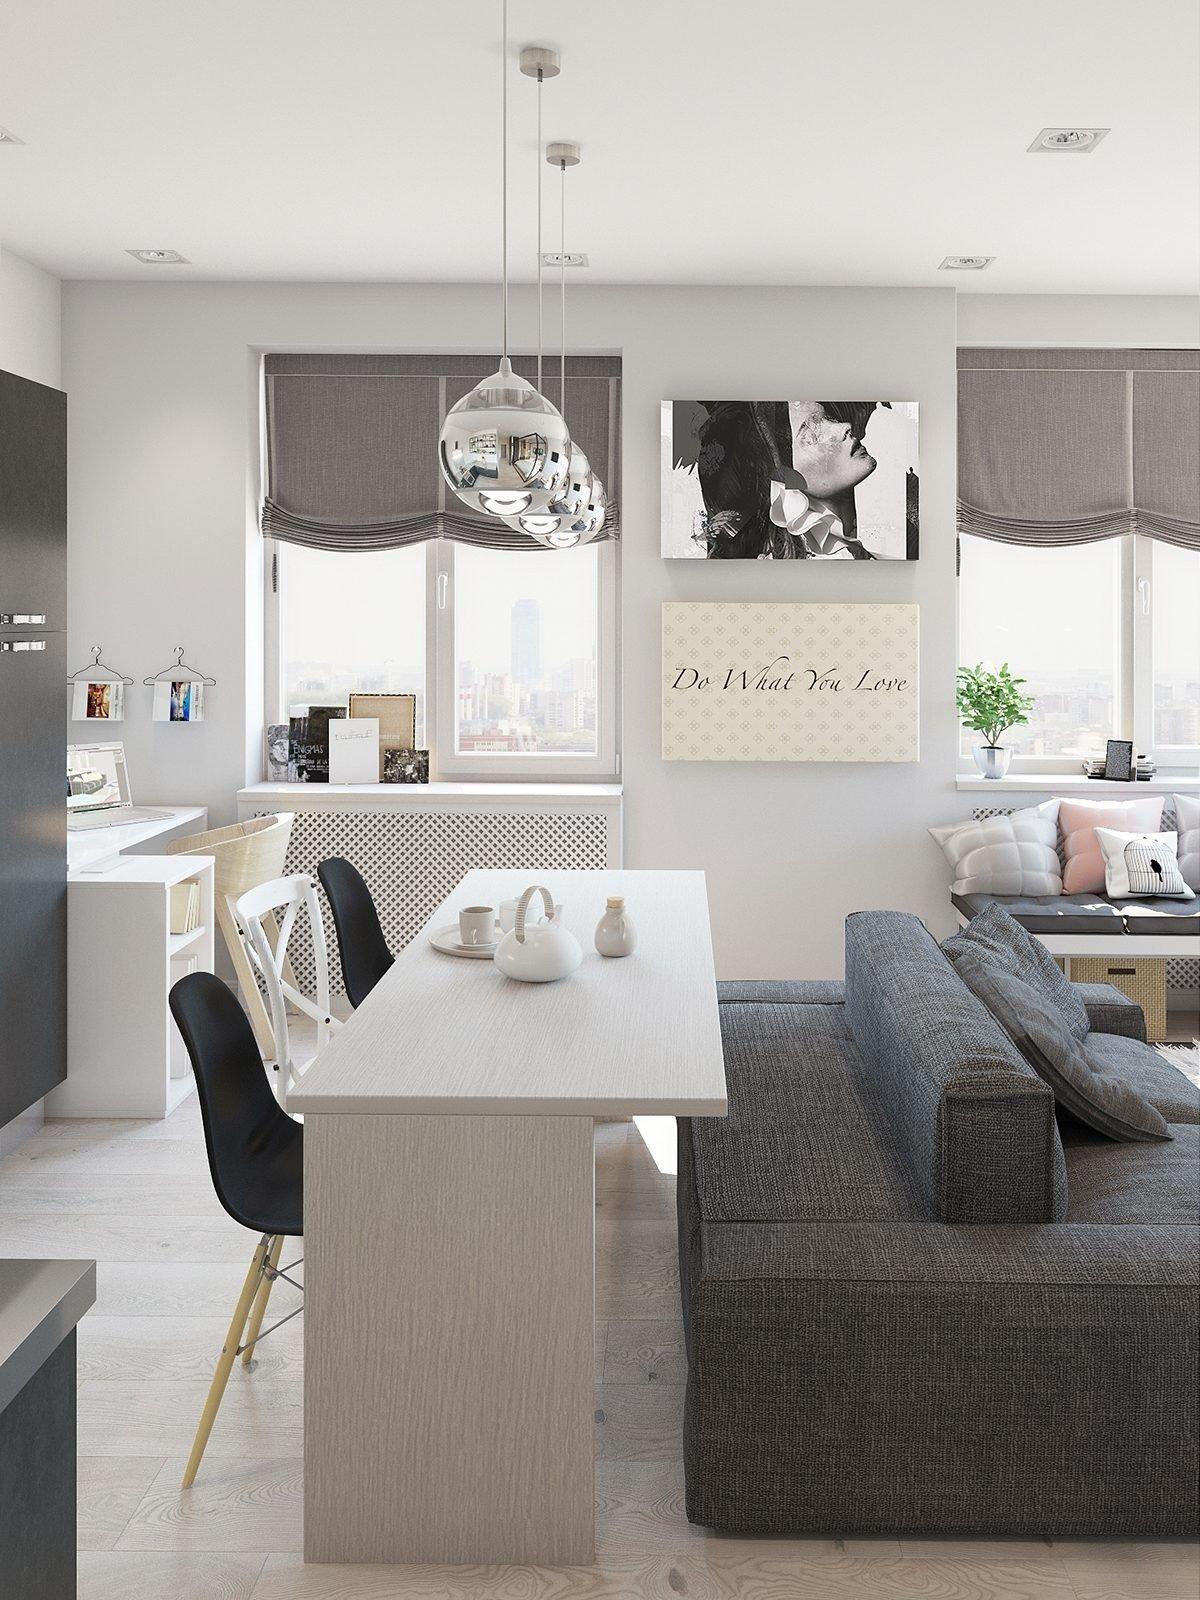 10 Ideal Small Studio Apartment Decorating Ideas studio apartment interior design with cute decorating ideas 1 2020